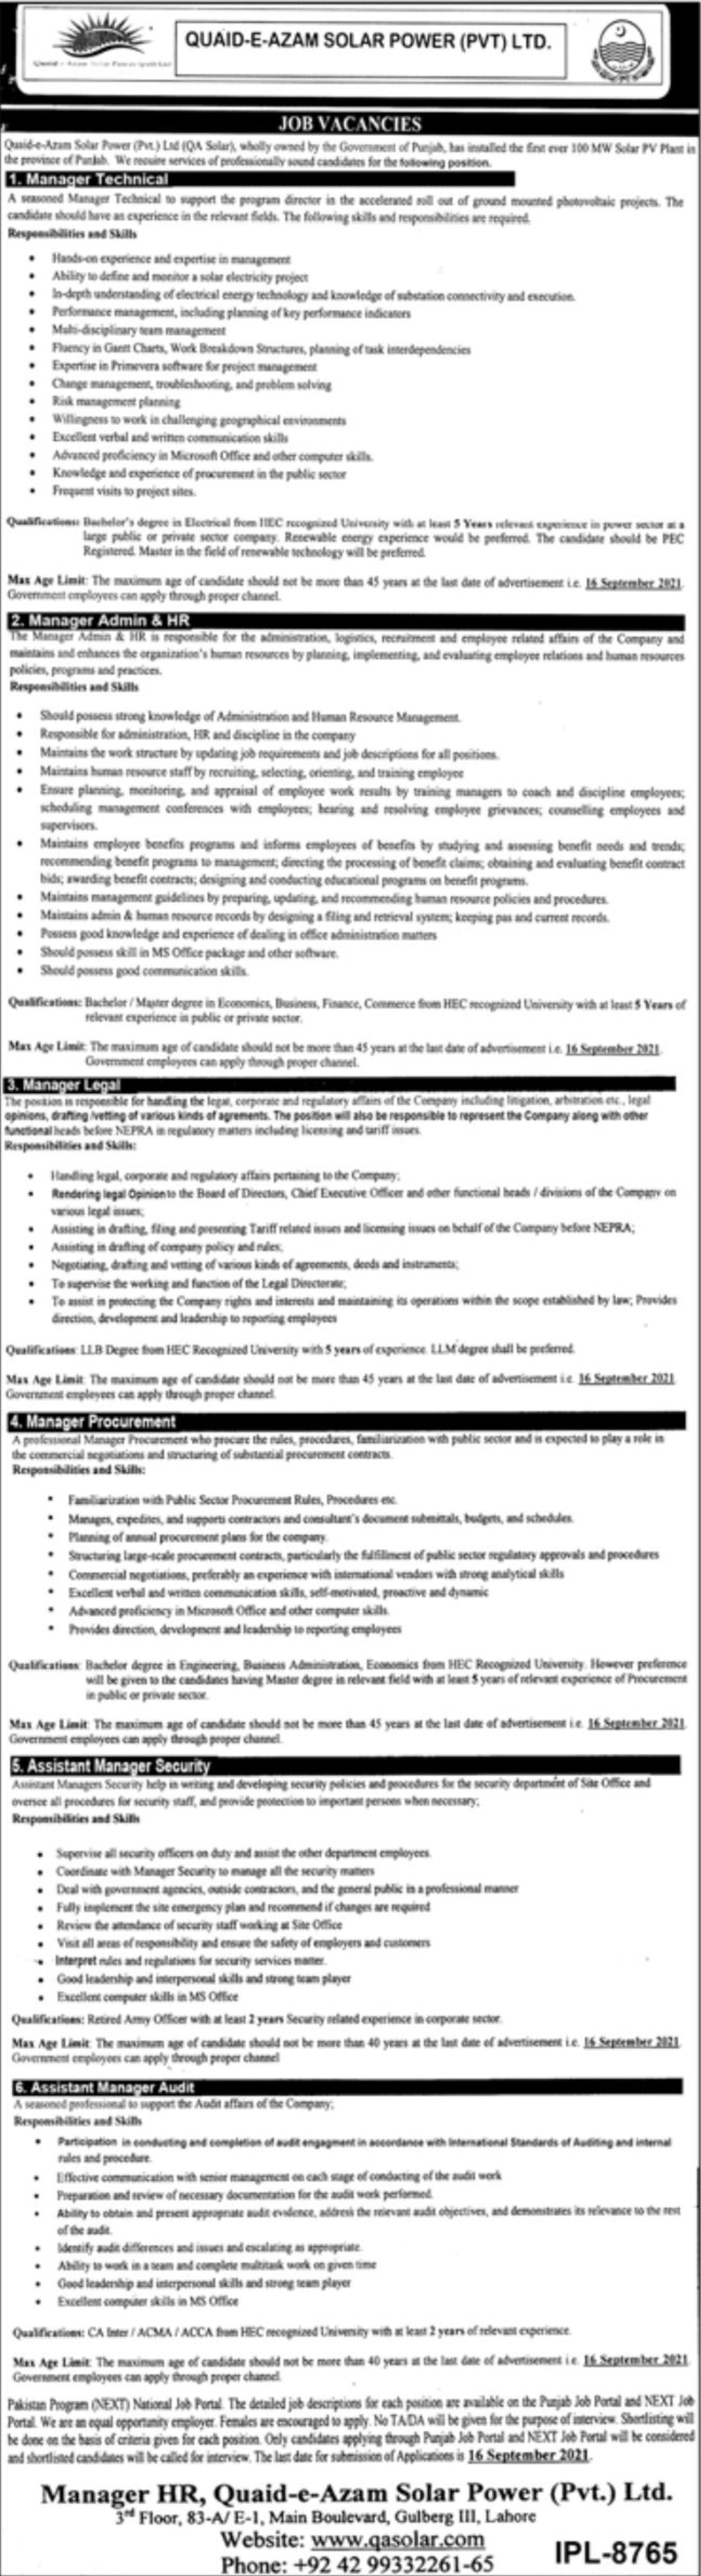 Quaid-e-Azam Solar Power Pvt Ltd Vacancies 2021 3